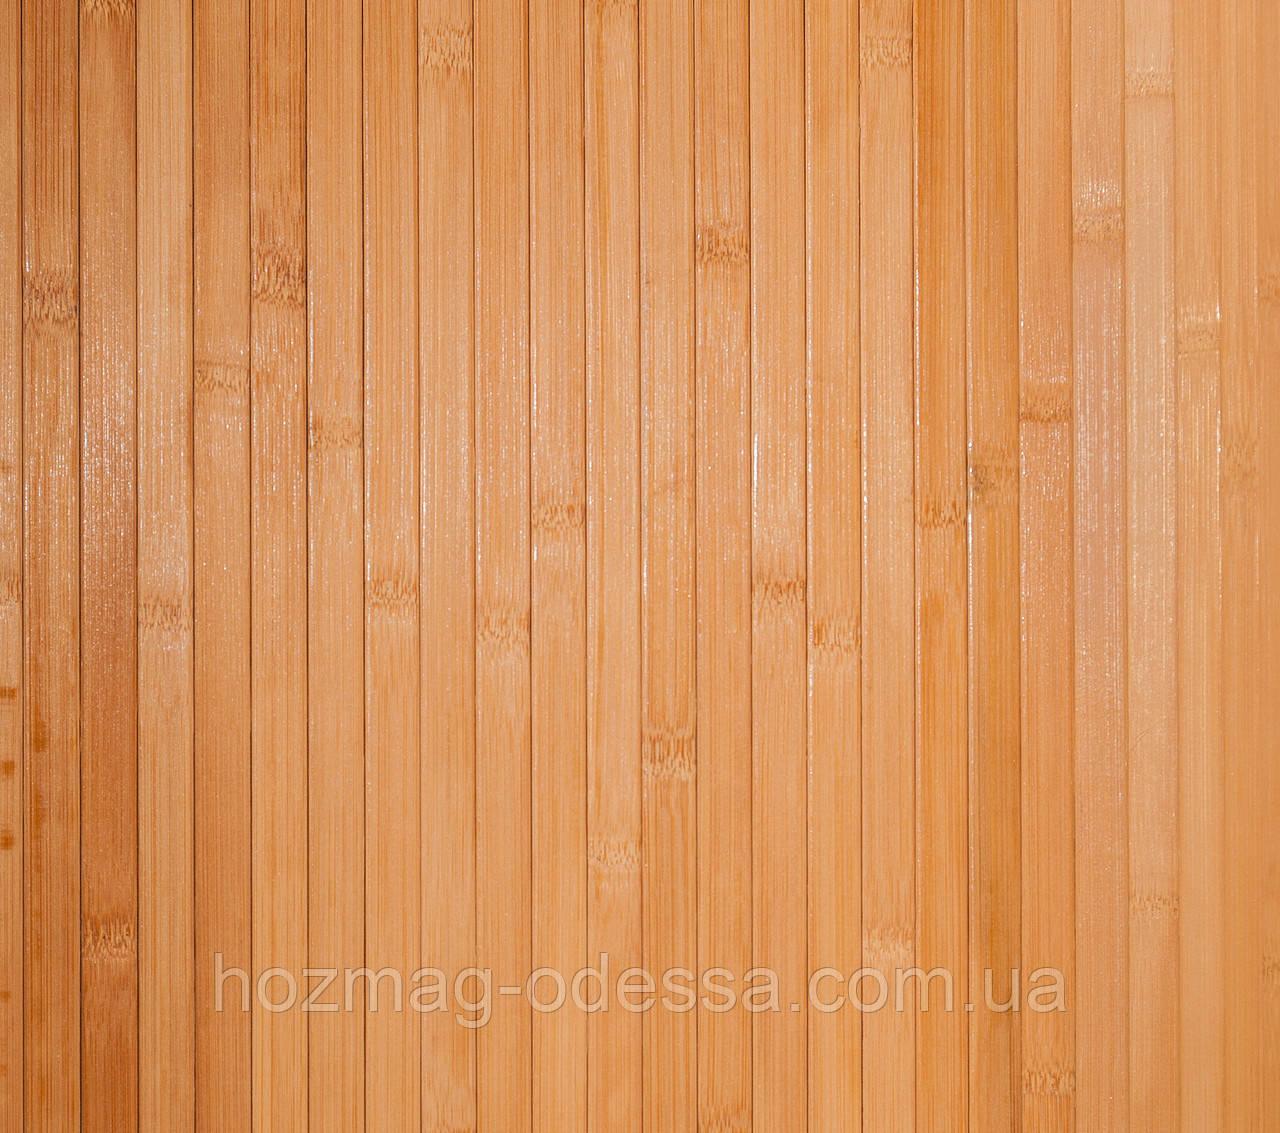 Бамбуковые обои темные, 17мм, ширина 150см.